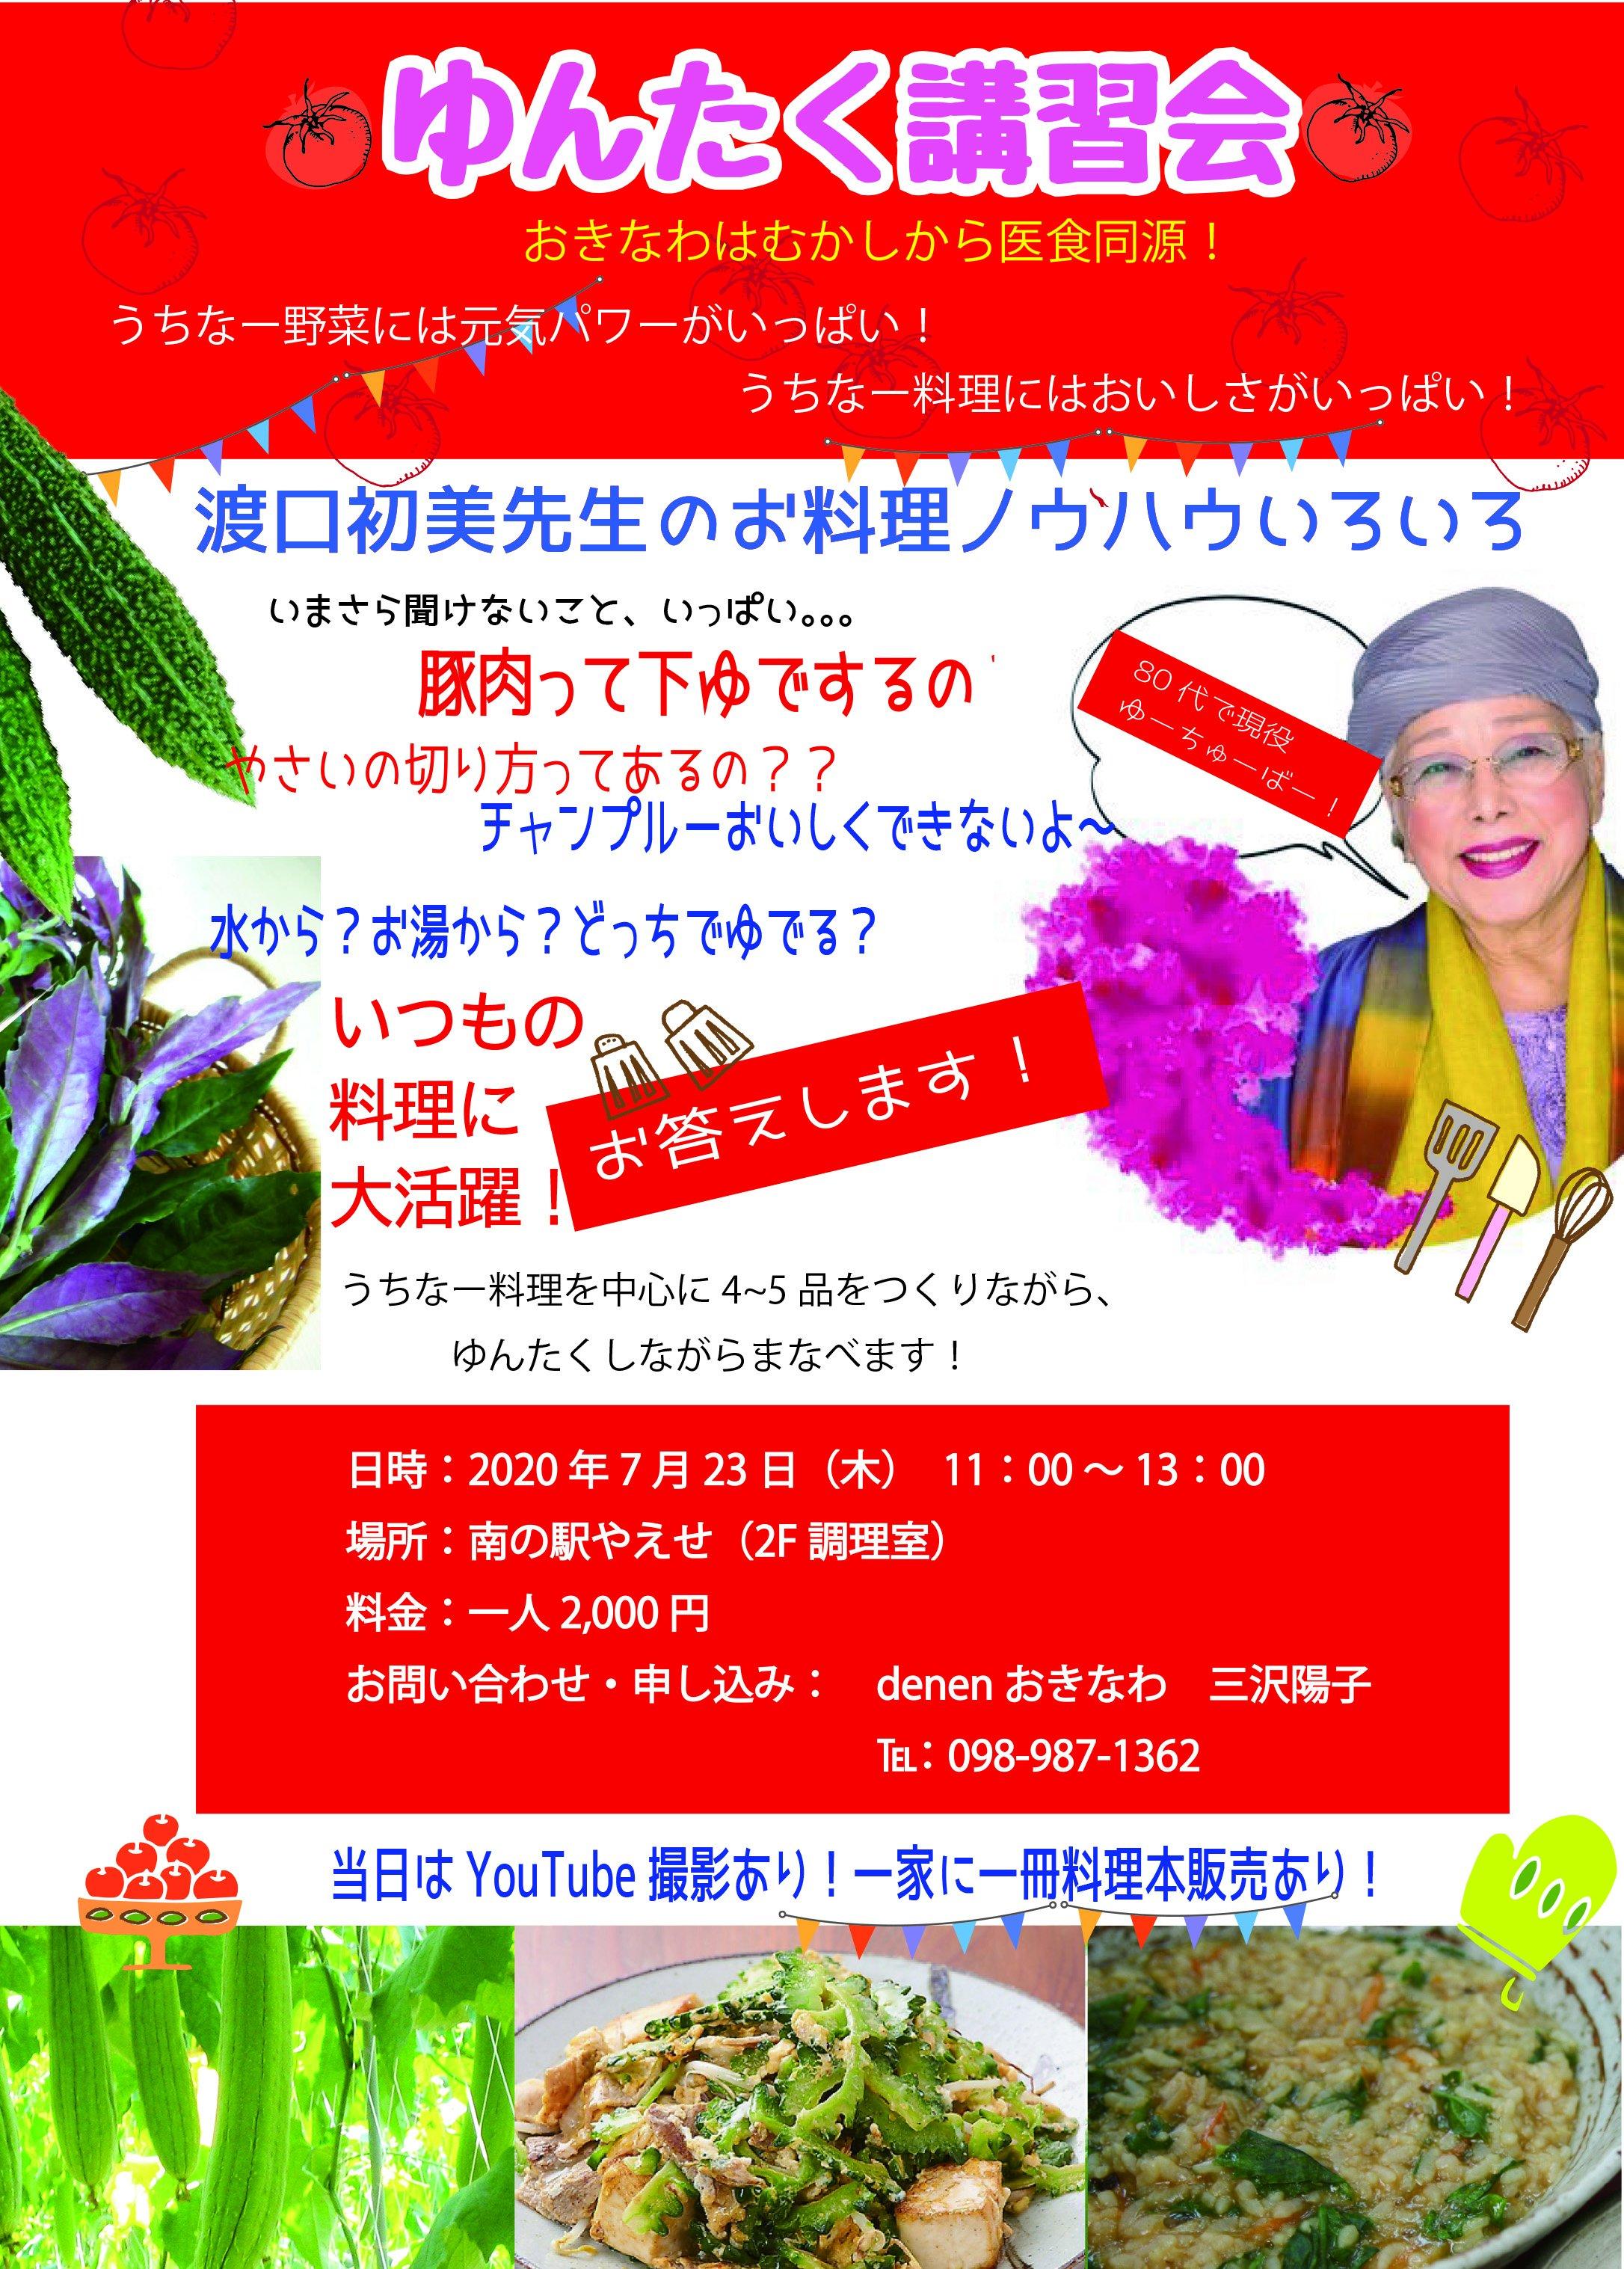 【2020年7月23日(木)11:00〜】琉球料理研究家渡口初美先生のゆんたく講習会!のイメージその1